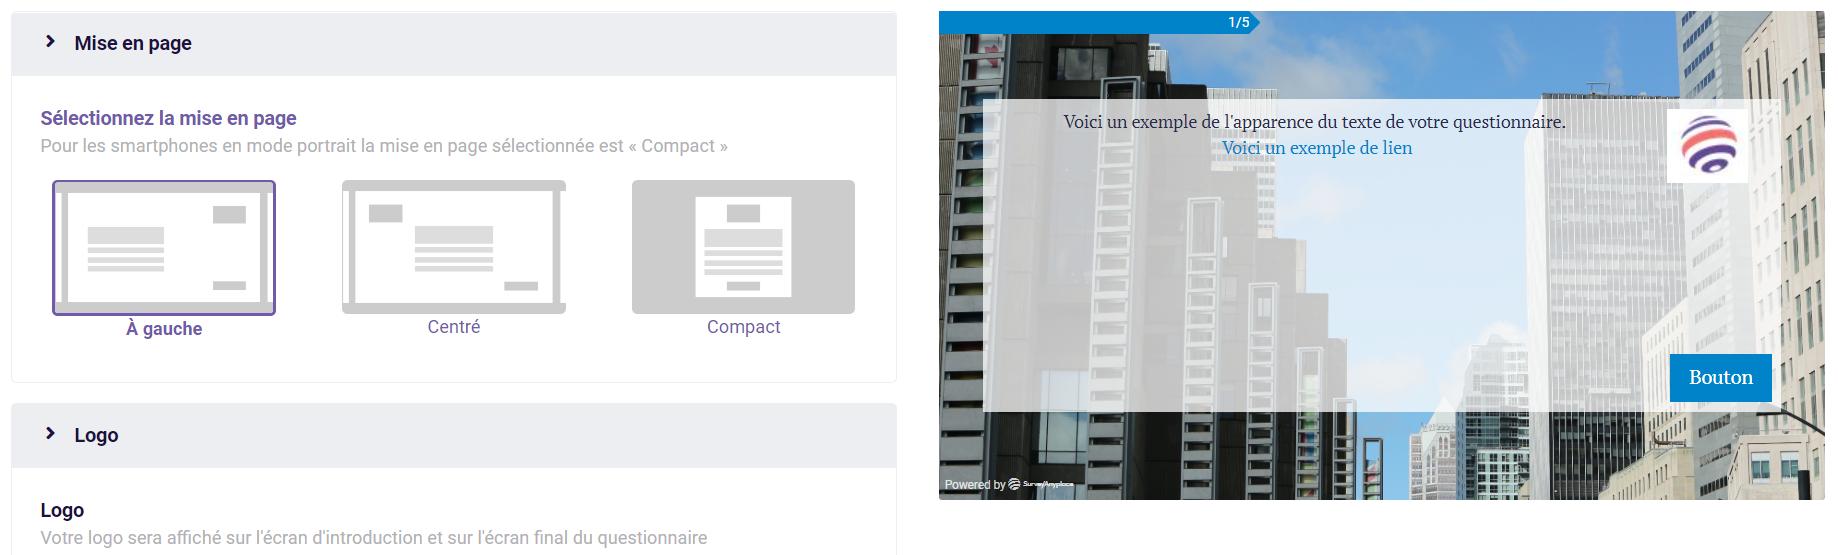 Modifier le design - mise en page